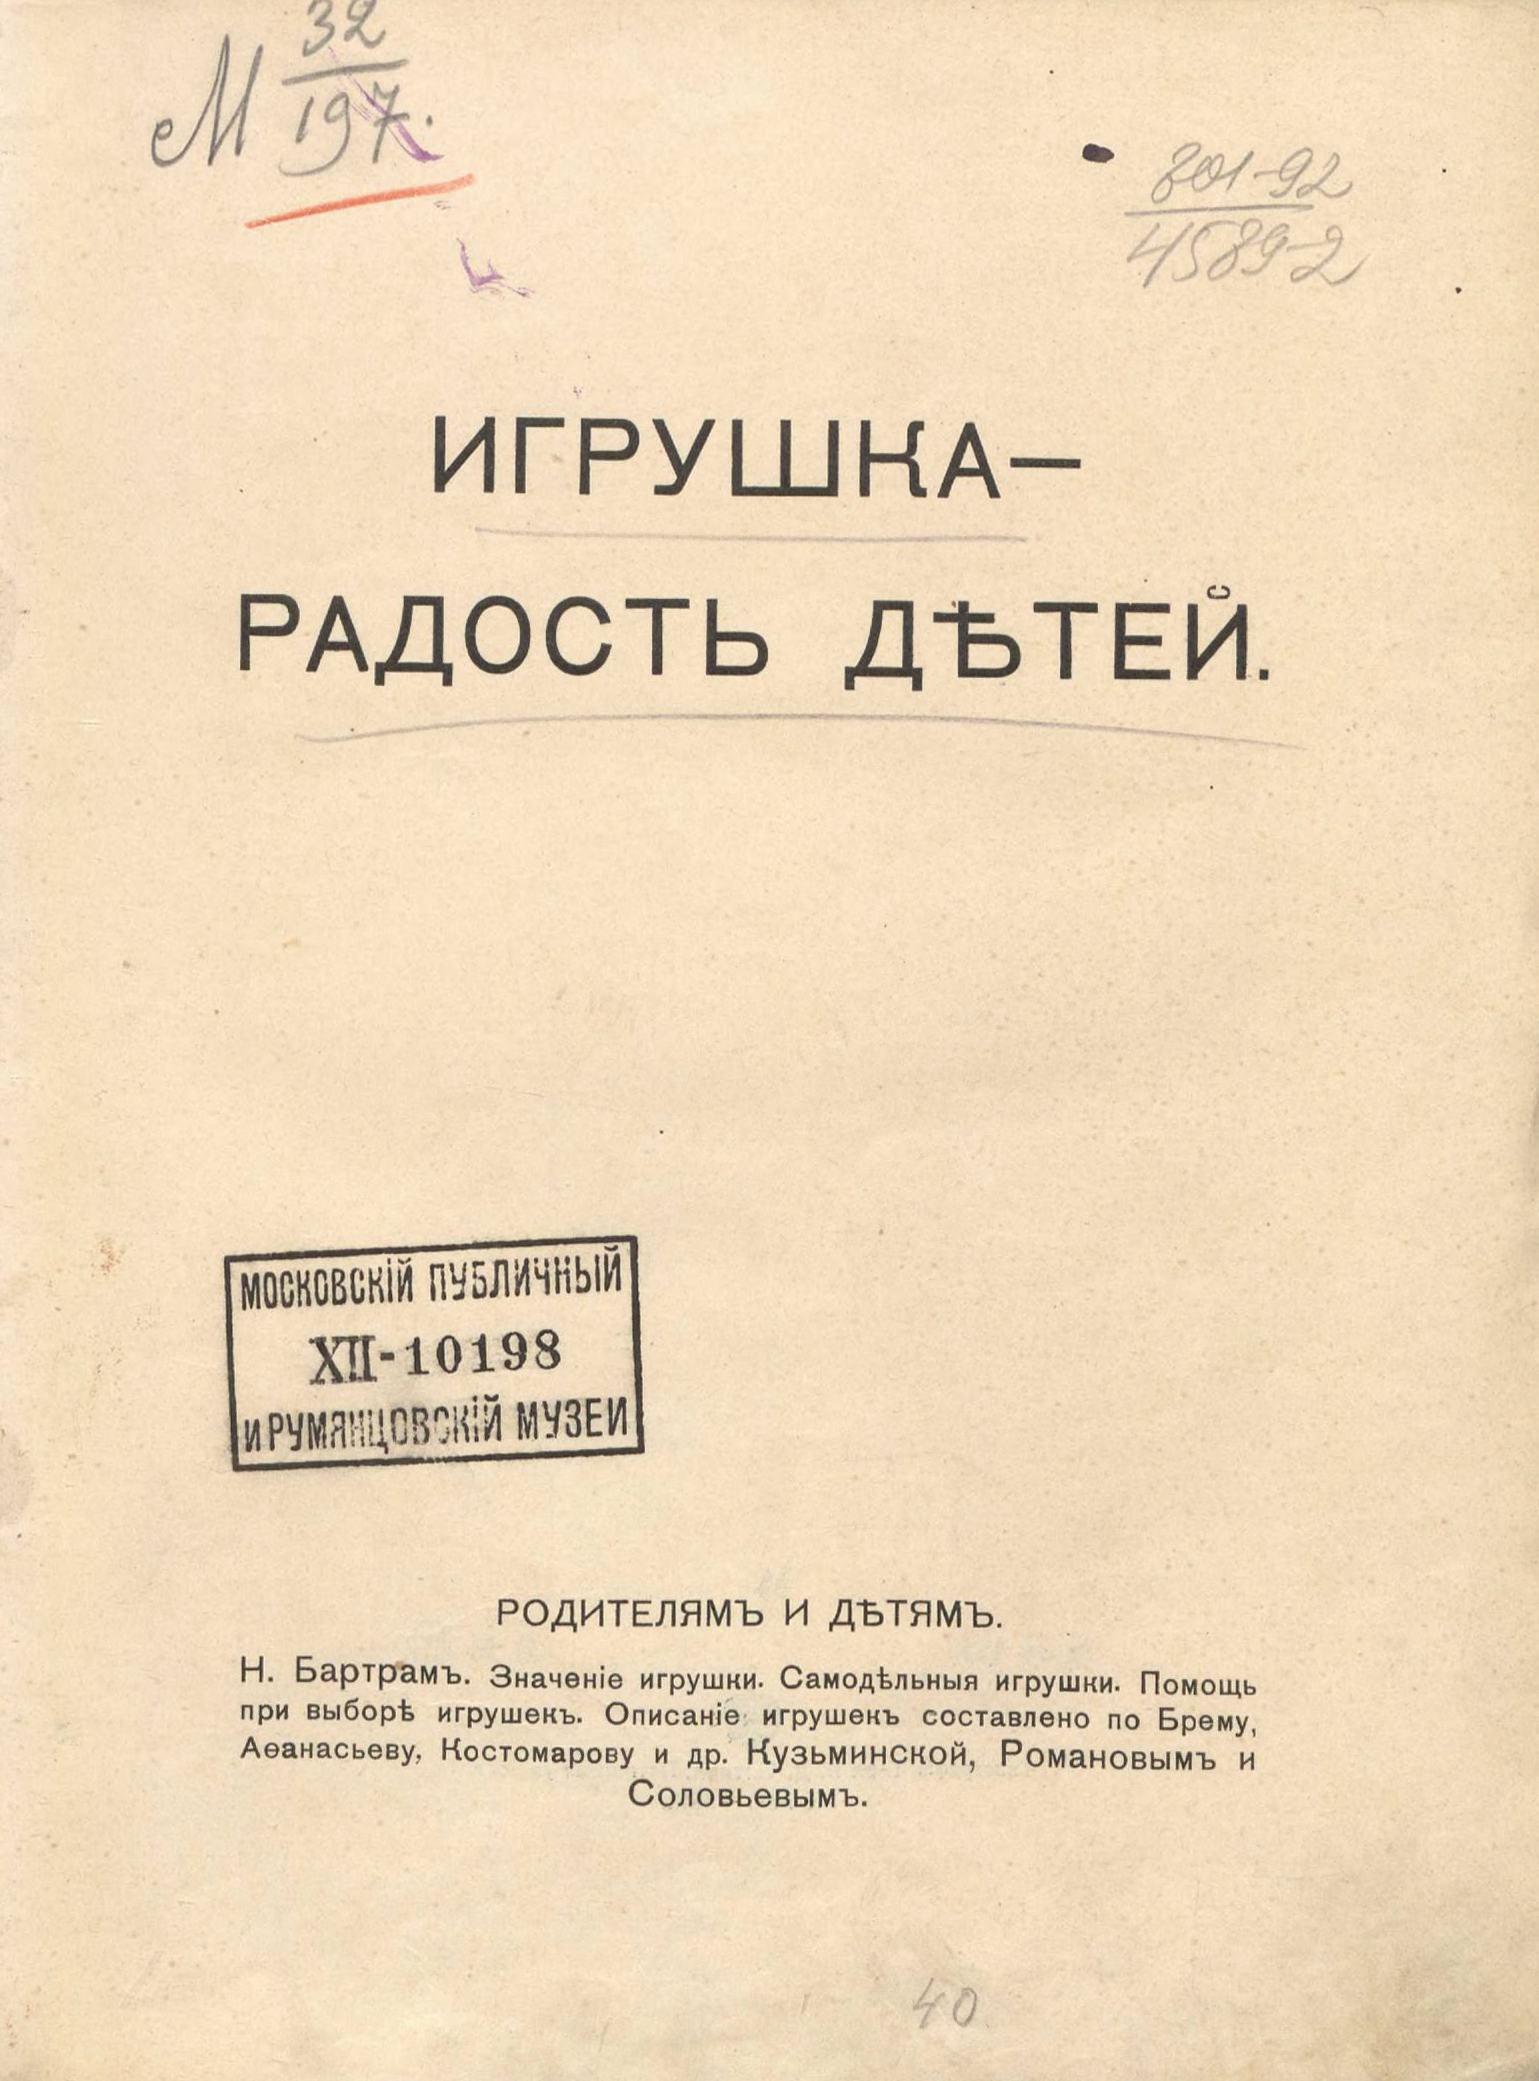 igrushka-radost-detei-1912_Page7.jpg